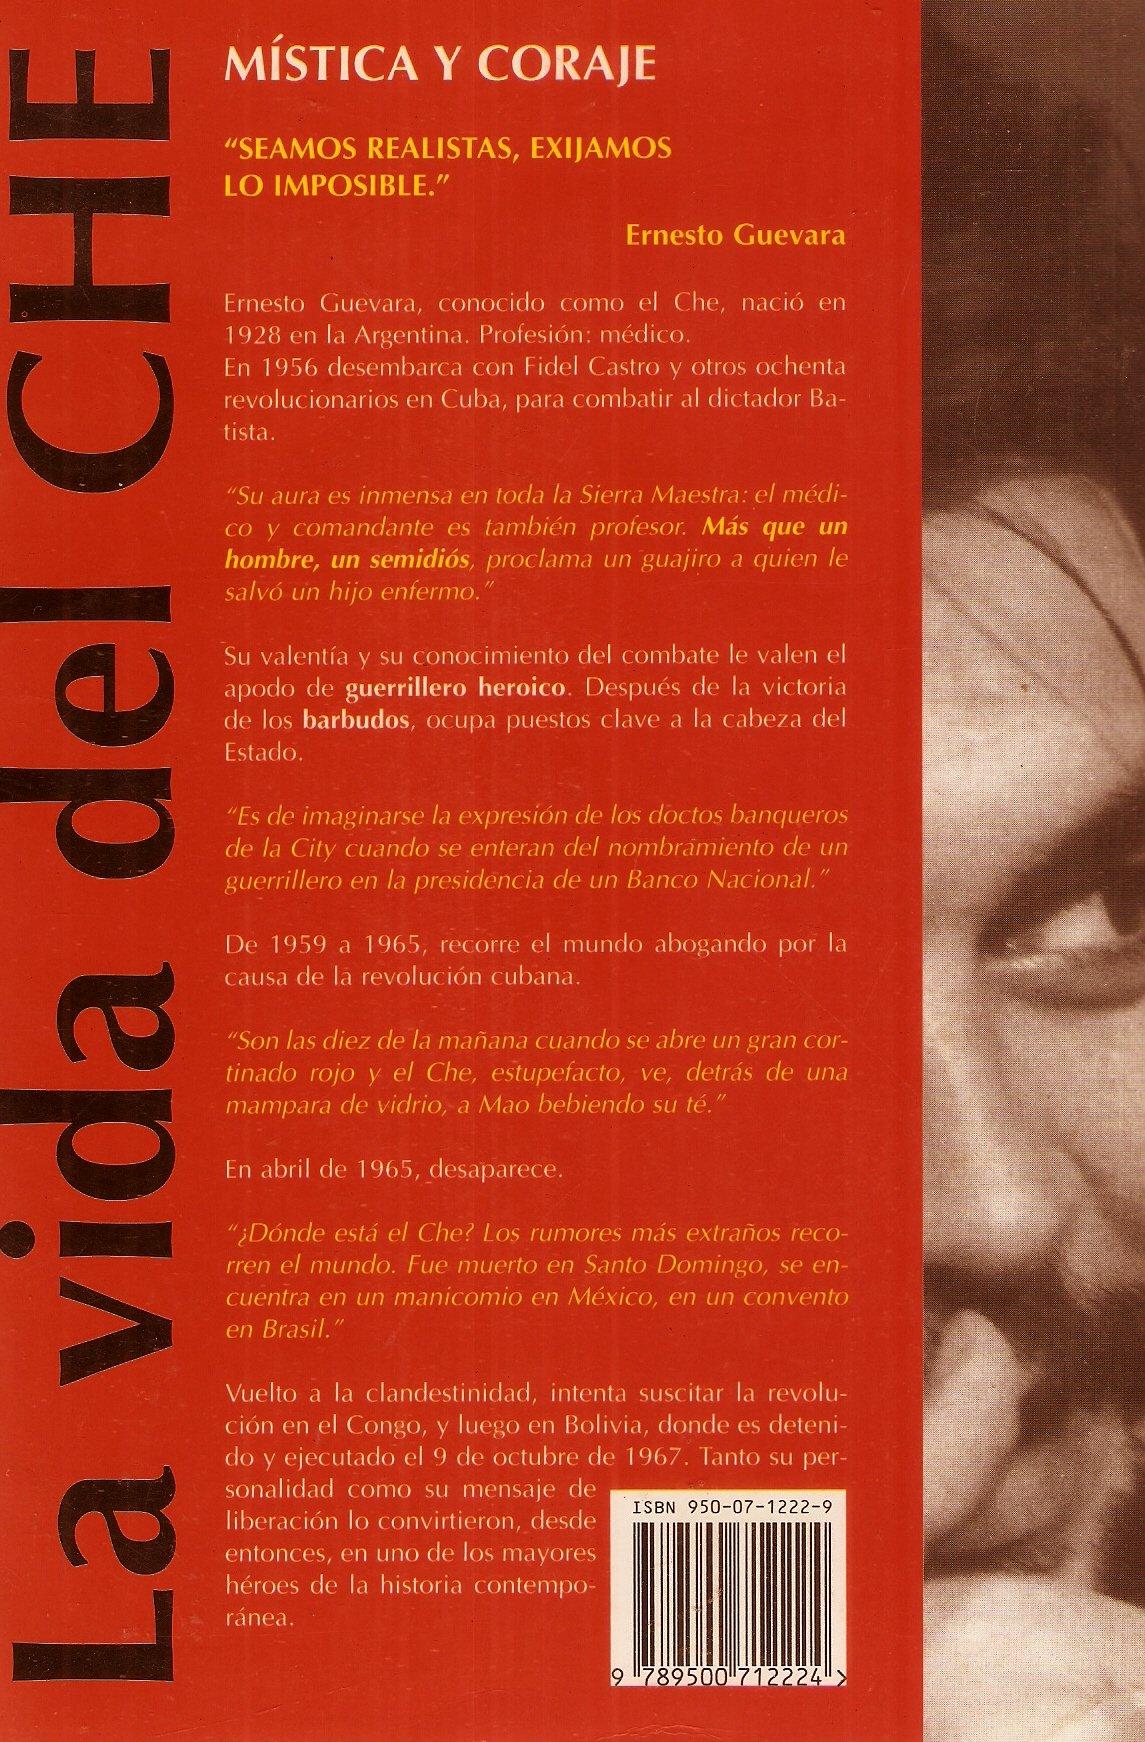 La Vida del Che - Mistica y Coraje: Amazon.es: Cormier, Jean: Libros